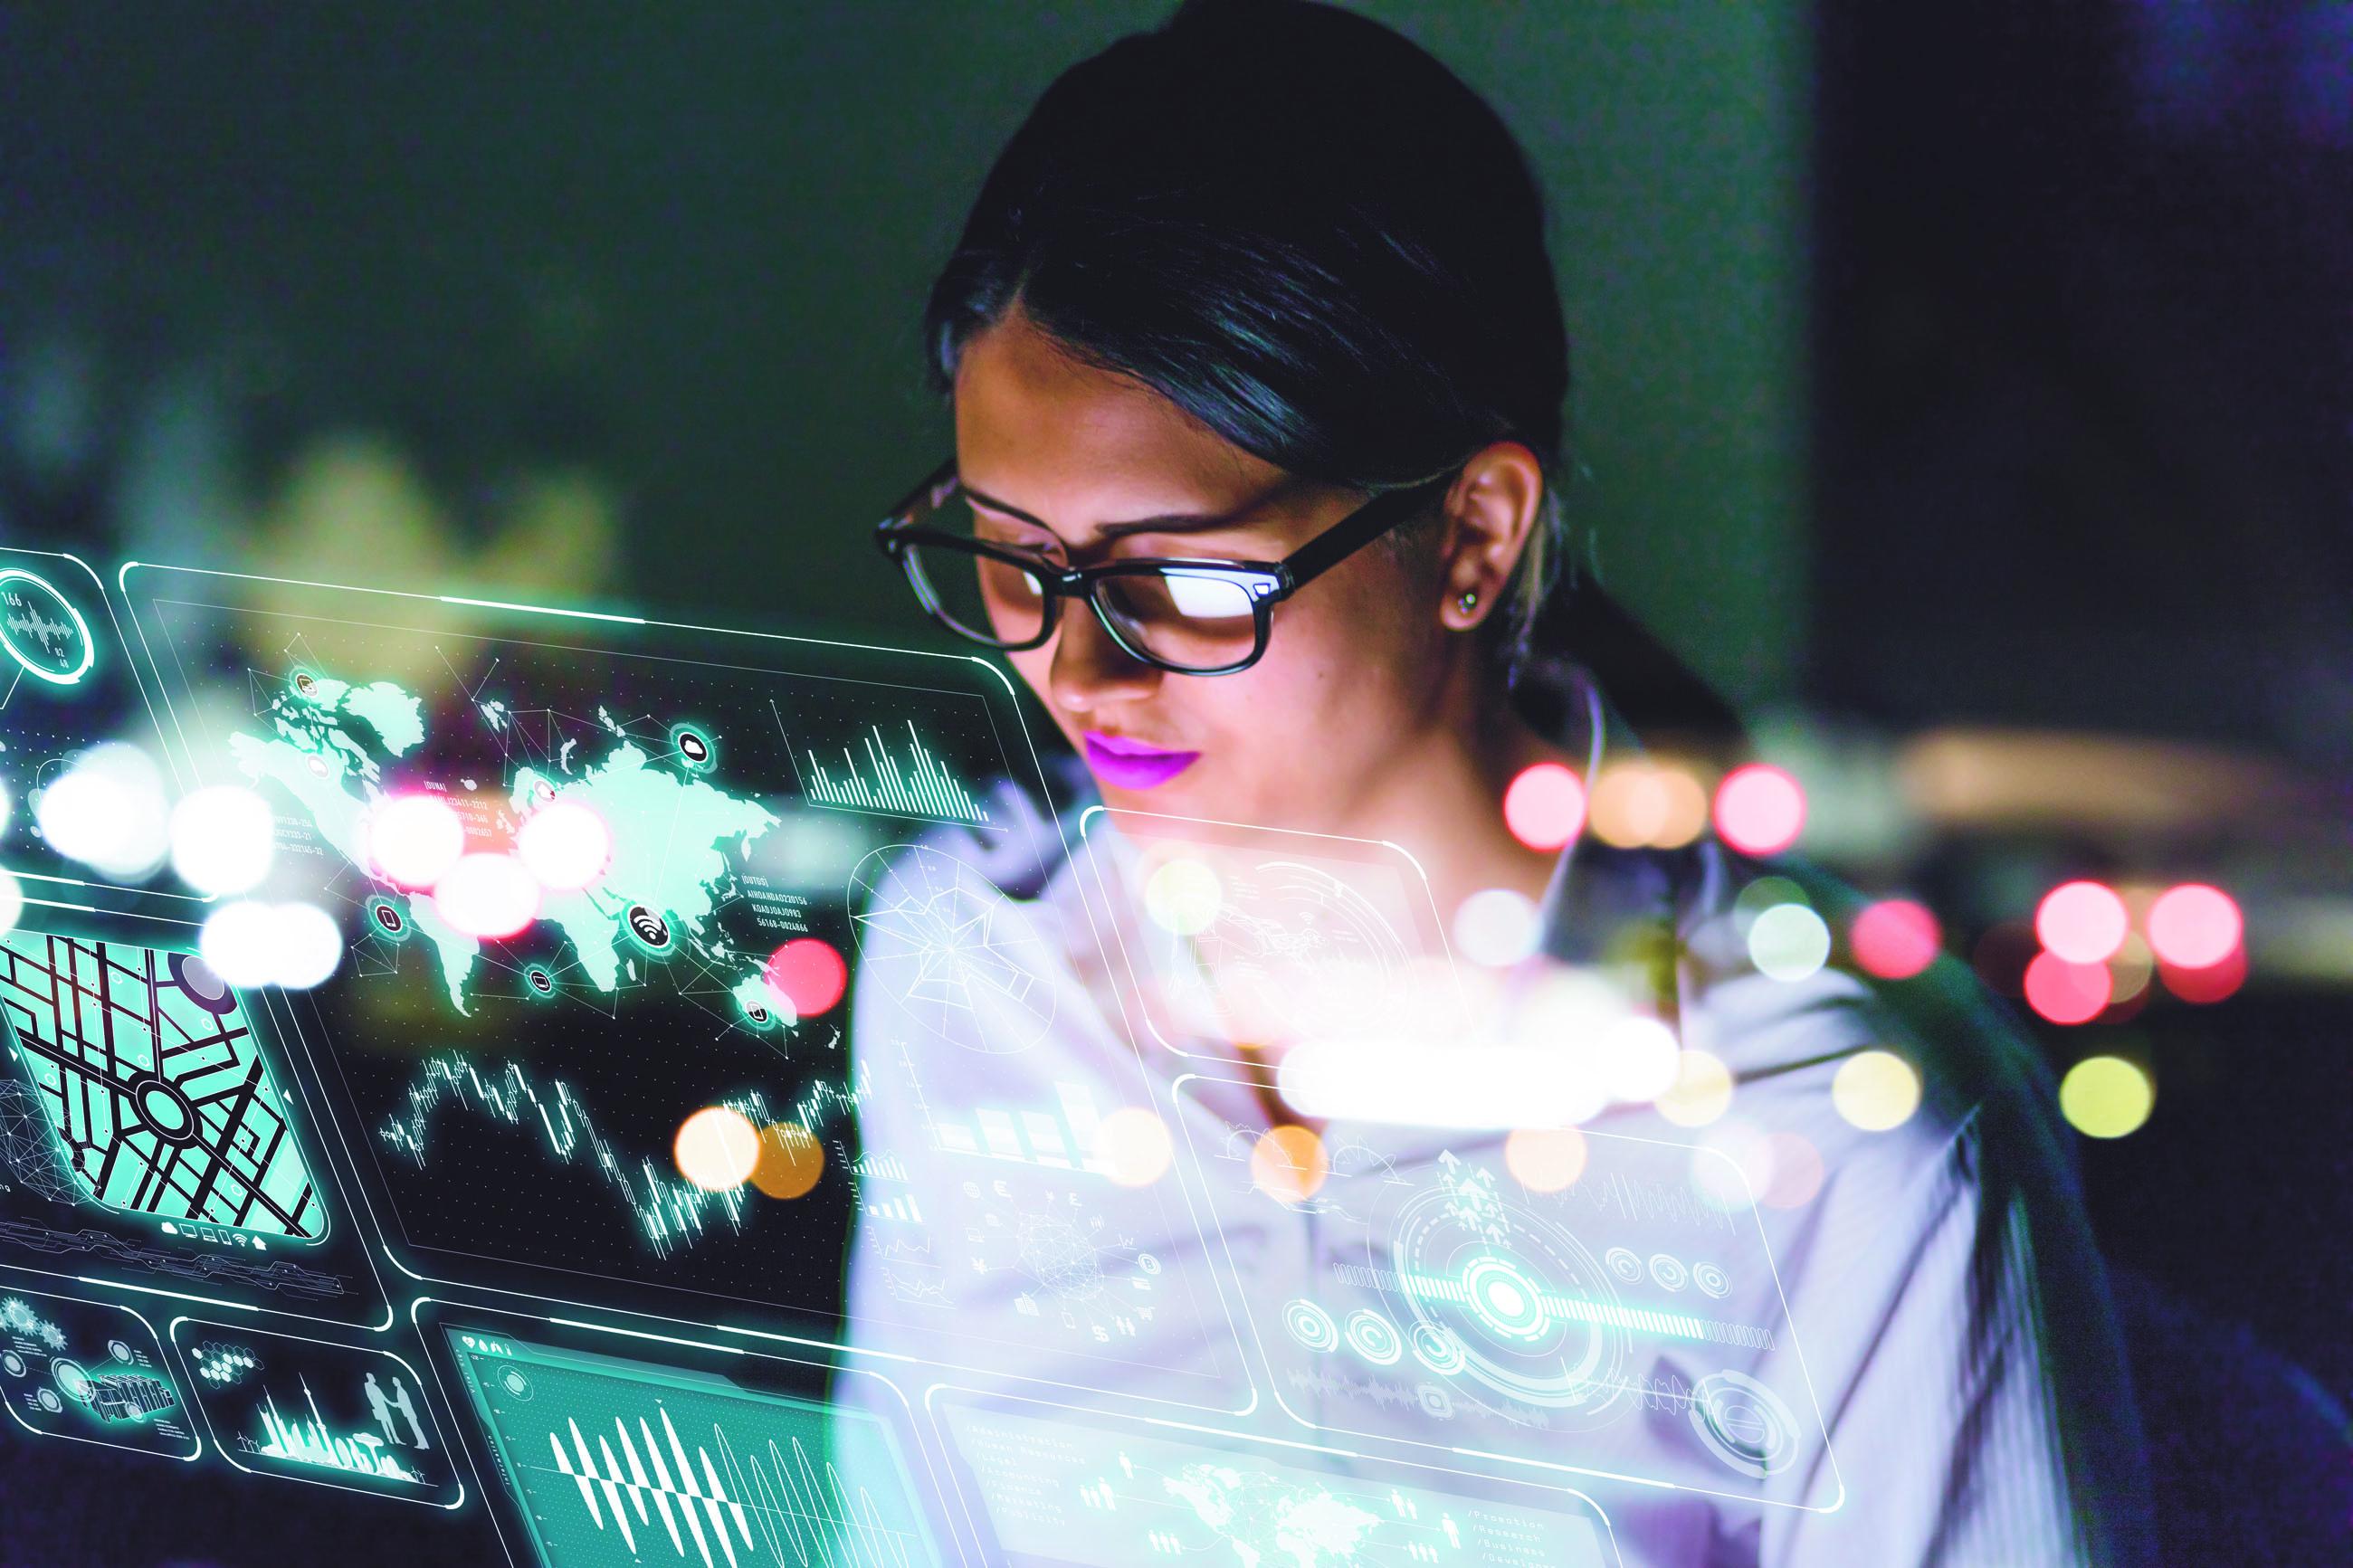 データドリブン経営を支える最新テクノロジー